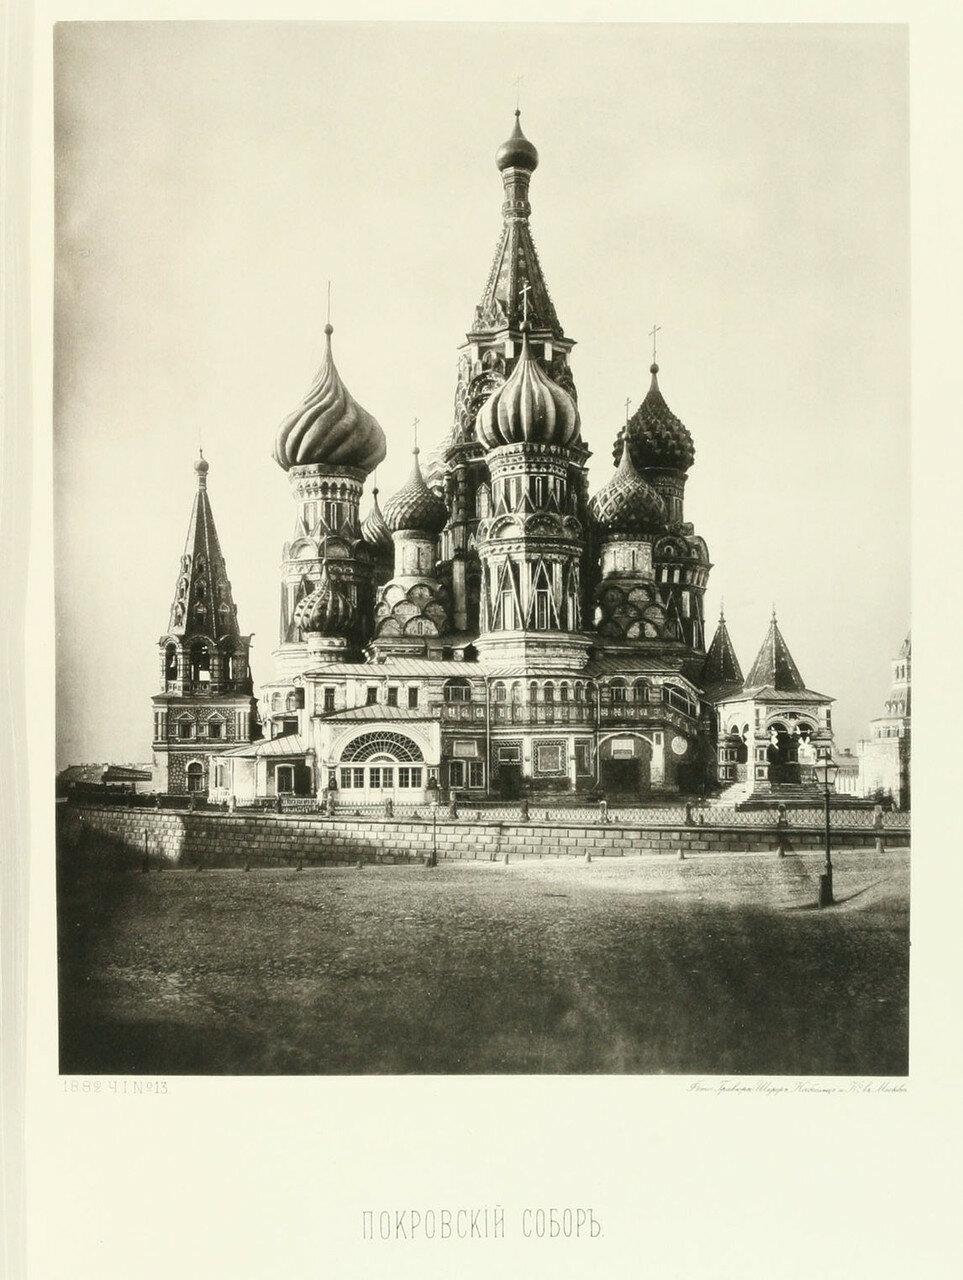 https://img-fotki.yandex.ru/get/41138/199368979.a/0_1a6159_d94004ae_XXXL.jpg